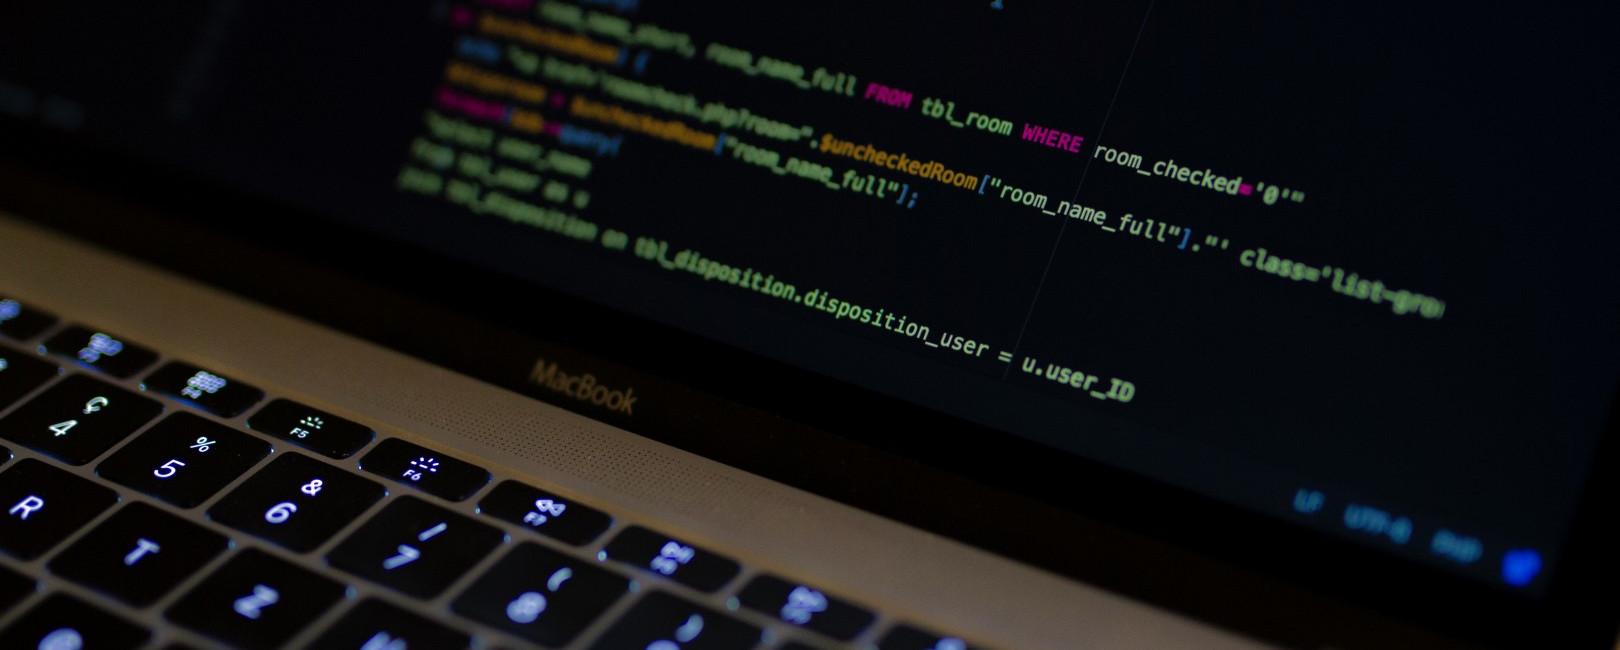 Comandi Linux utili per Sviluppatori Web che si ritrovano a fare i sistemisti 1